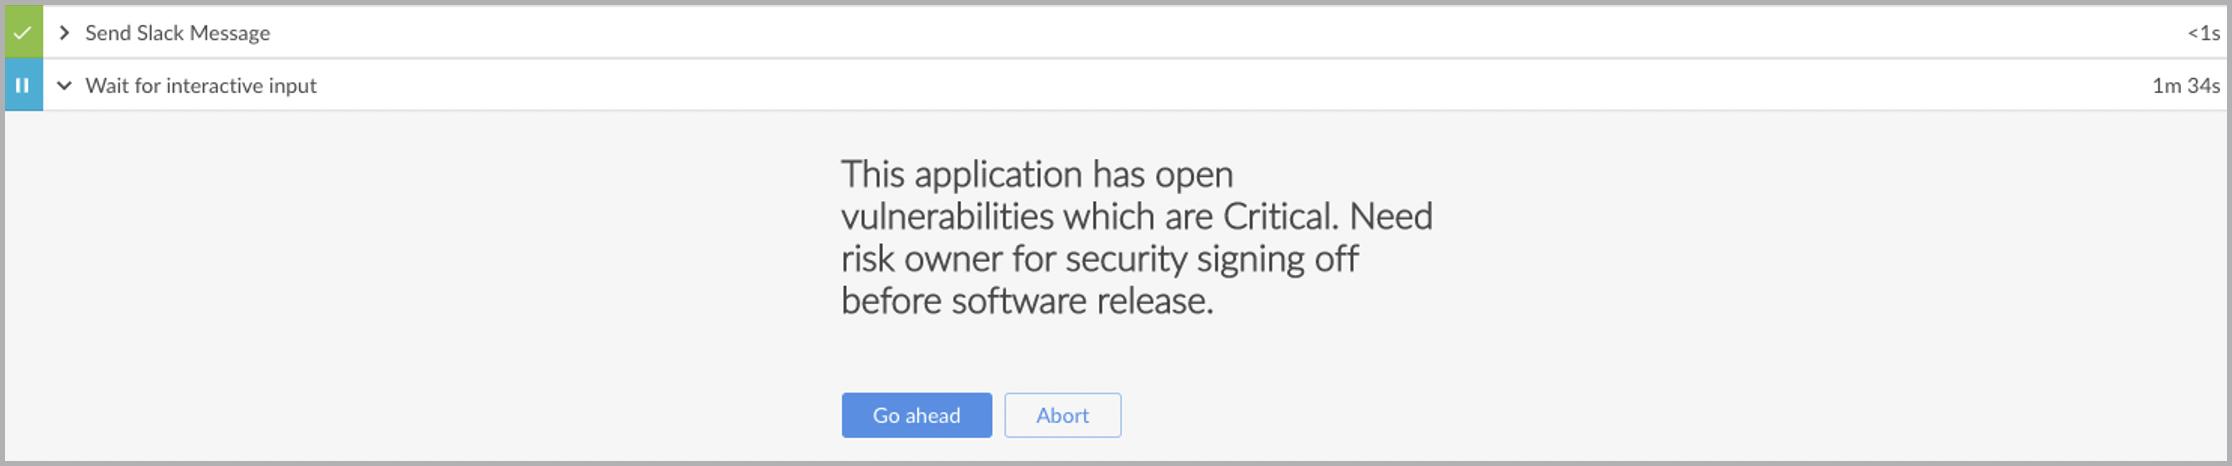 Open vulnerabilities in Atlassian Jira | Synopsys